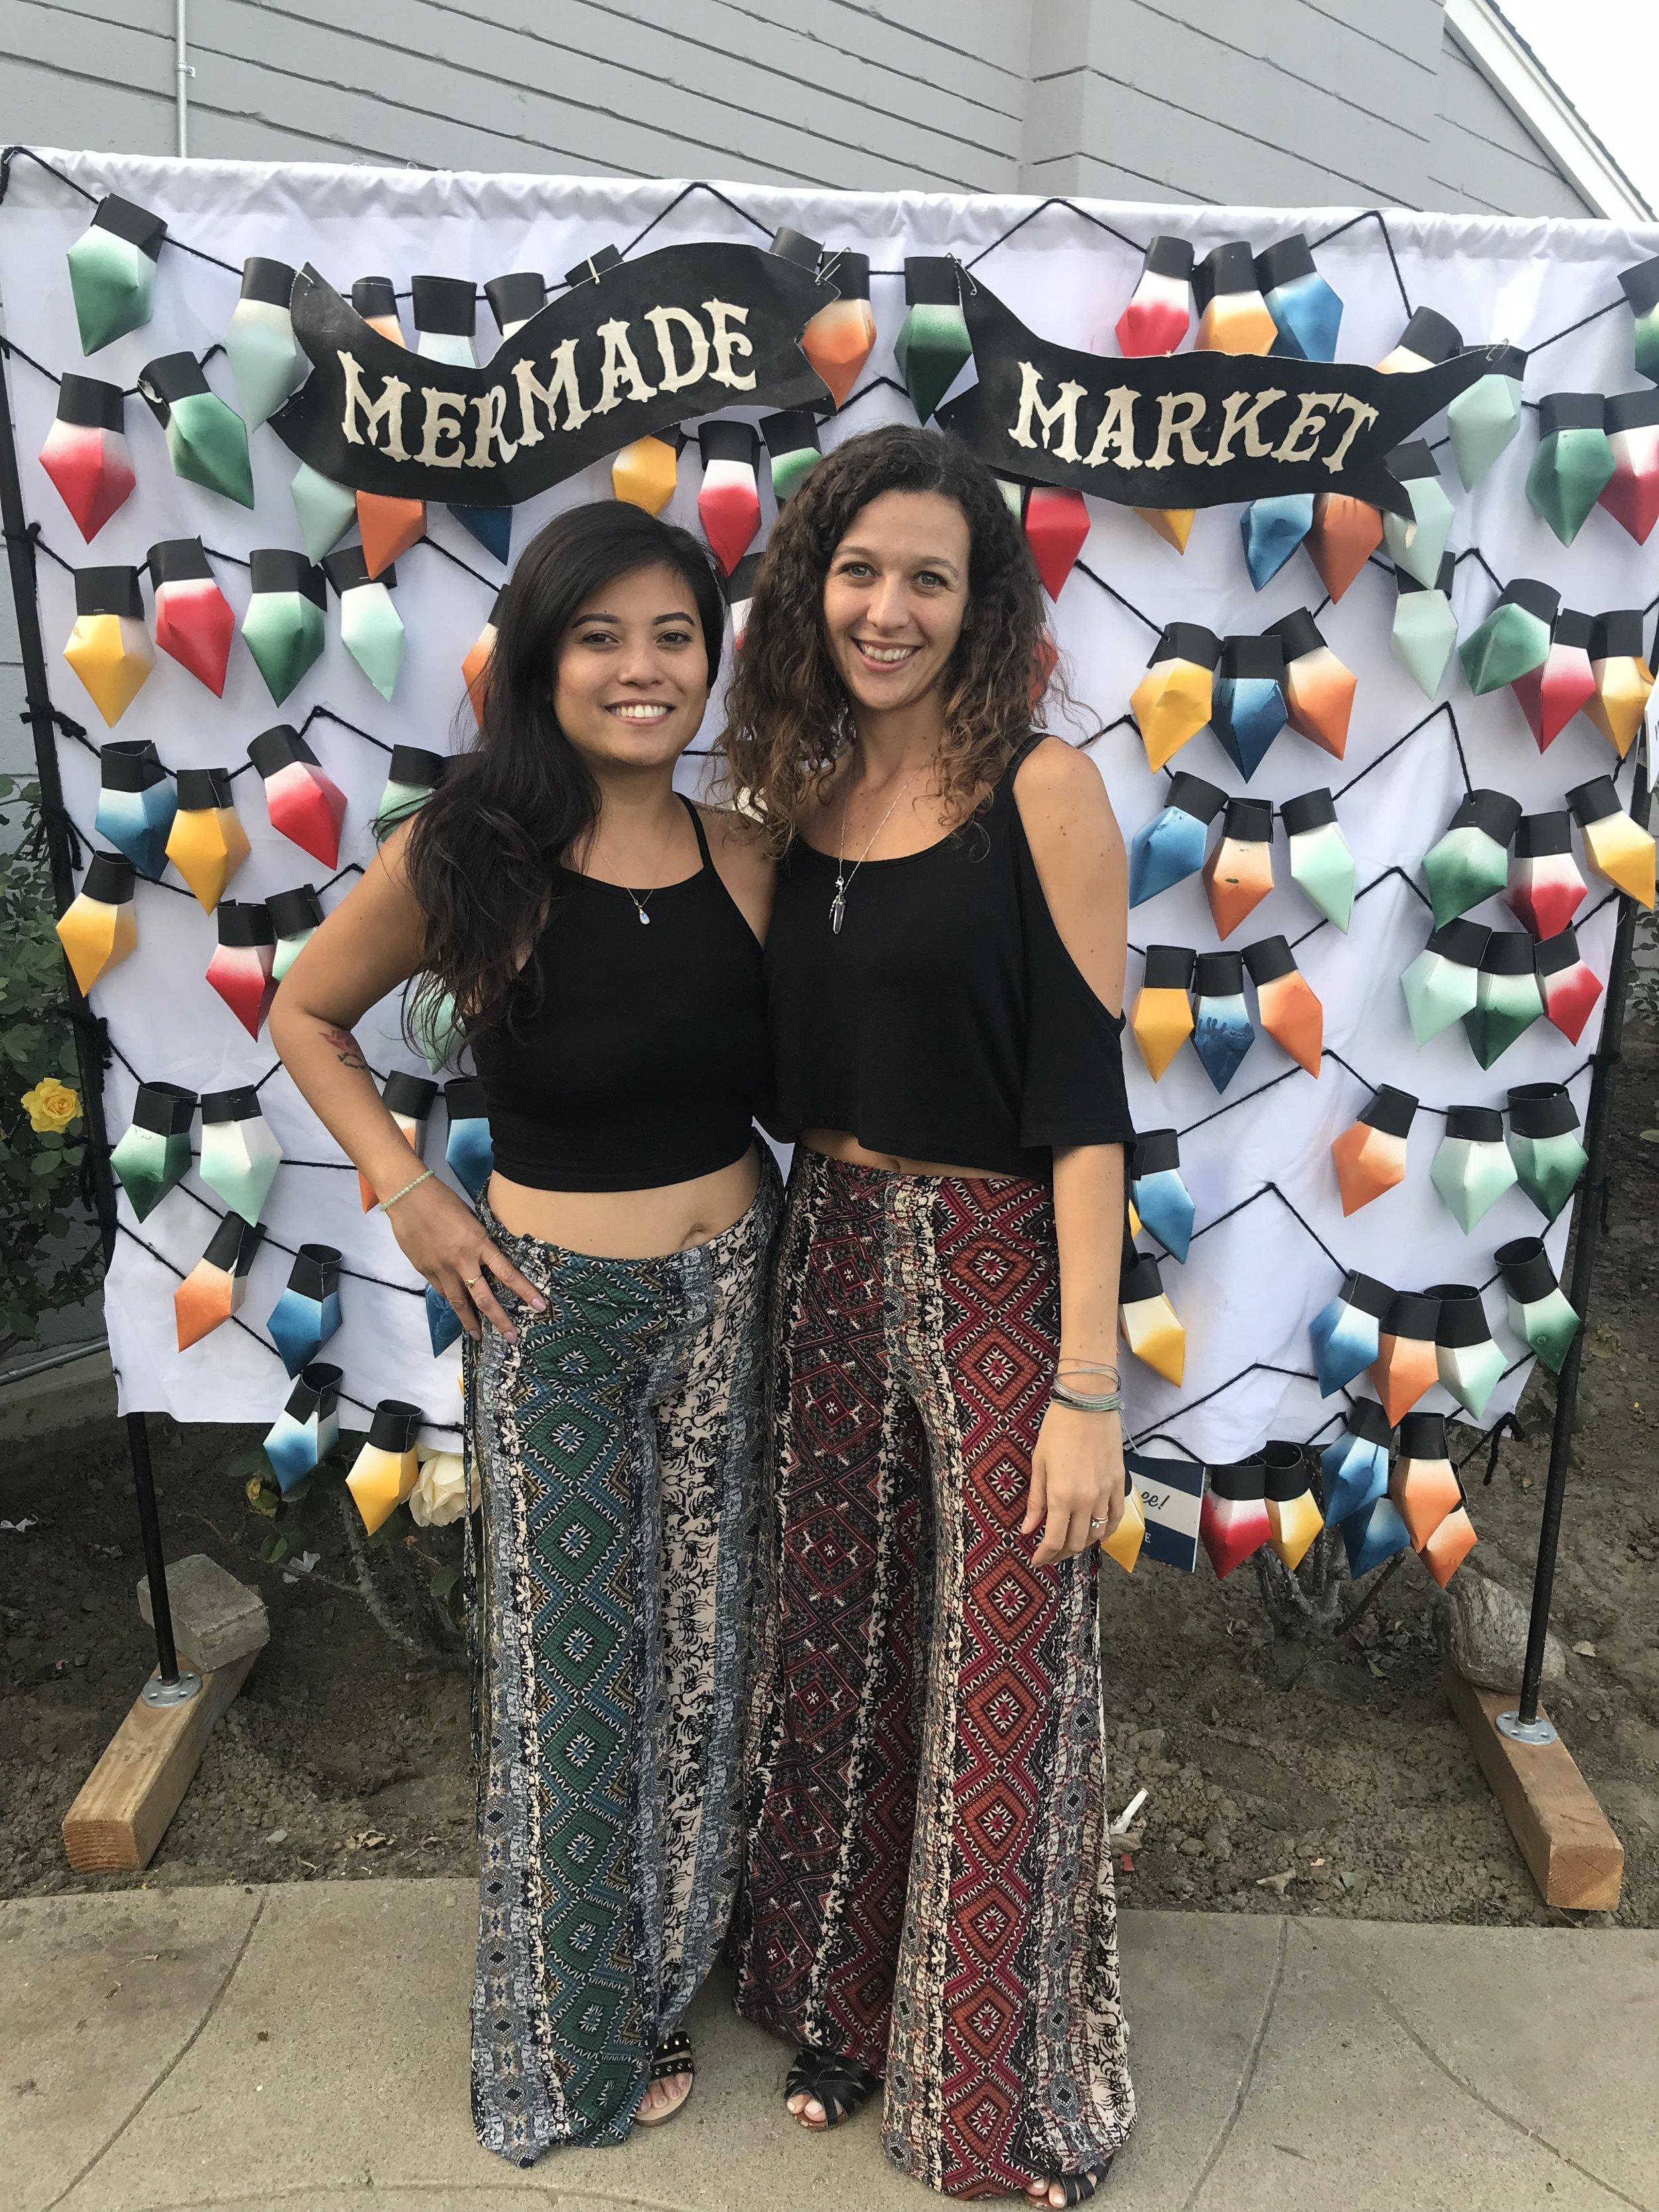 Diana & Camila at the Mermade Market Holiday Show 2017